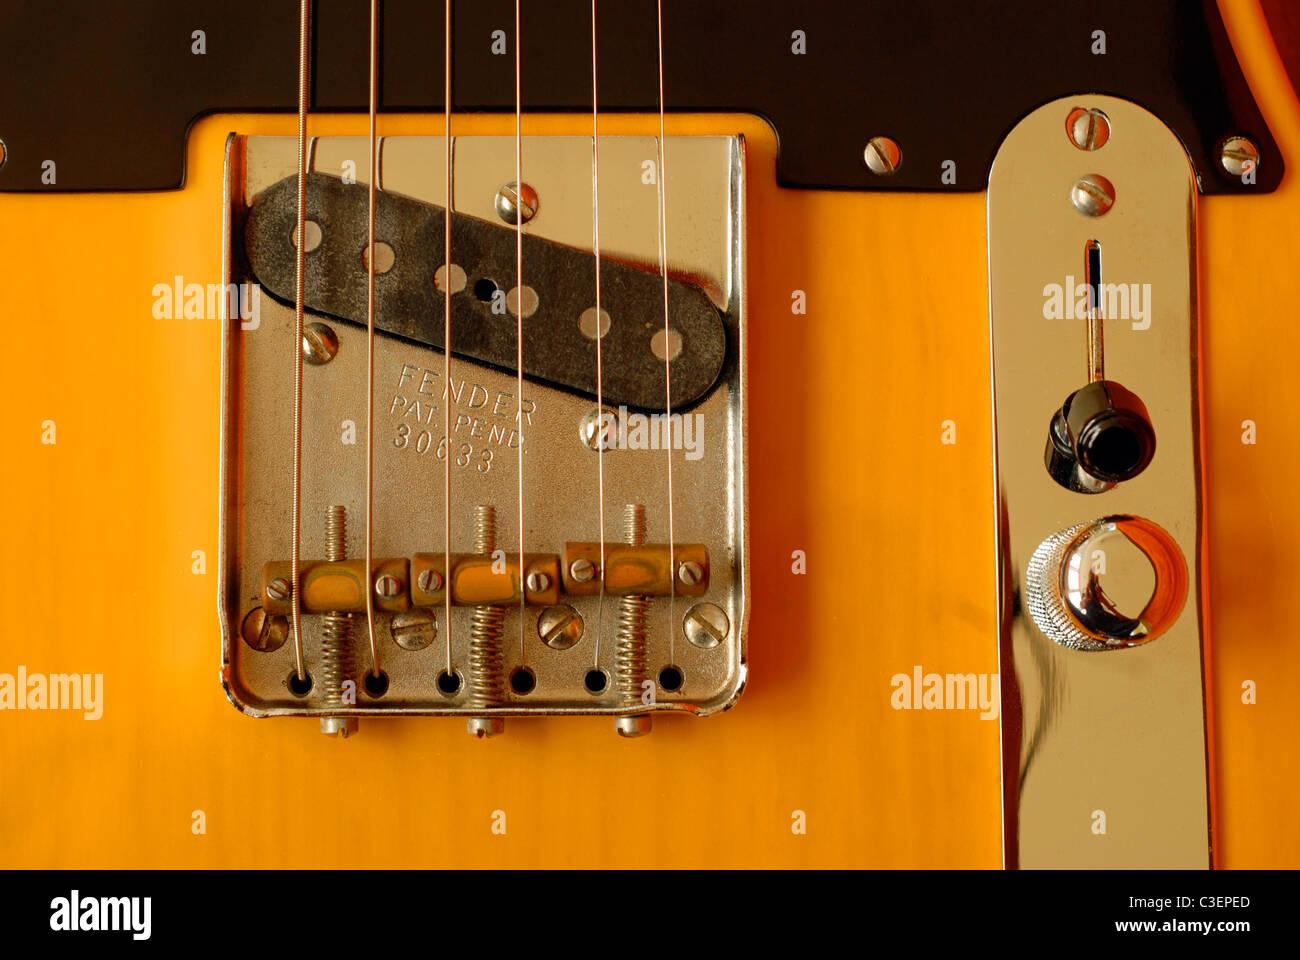 Guitare électrique Fender Telecaster. 1952 Nouvelle publication. Détail de pont et d'entraînement Photo Stock